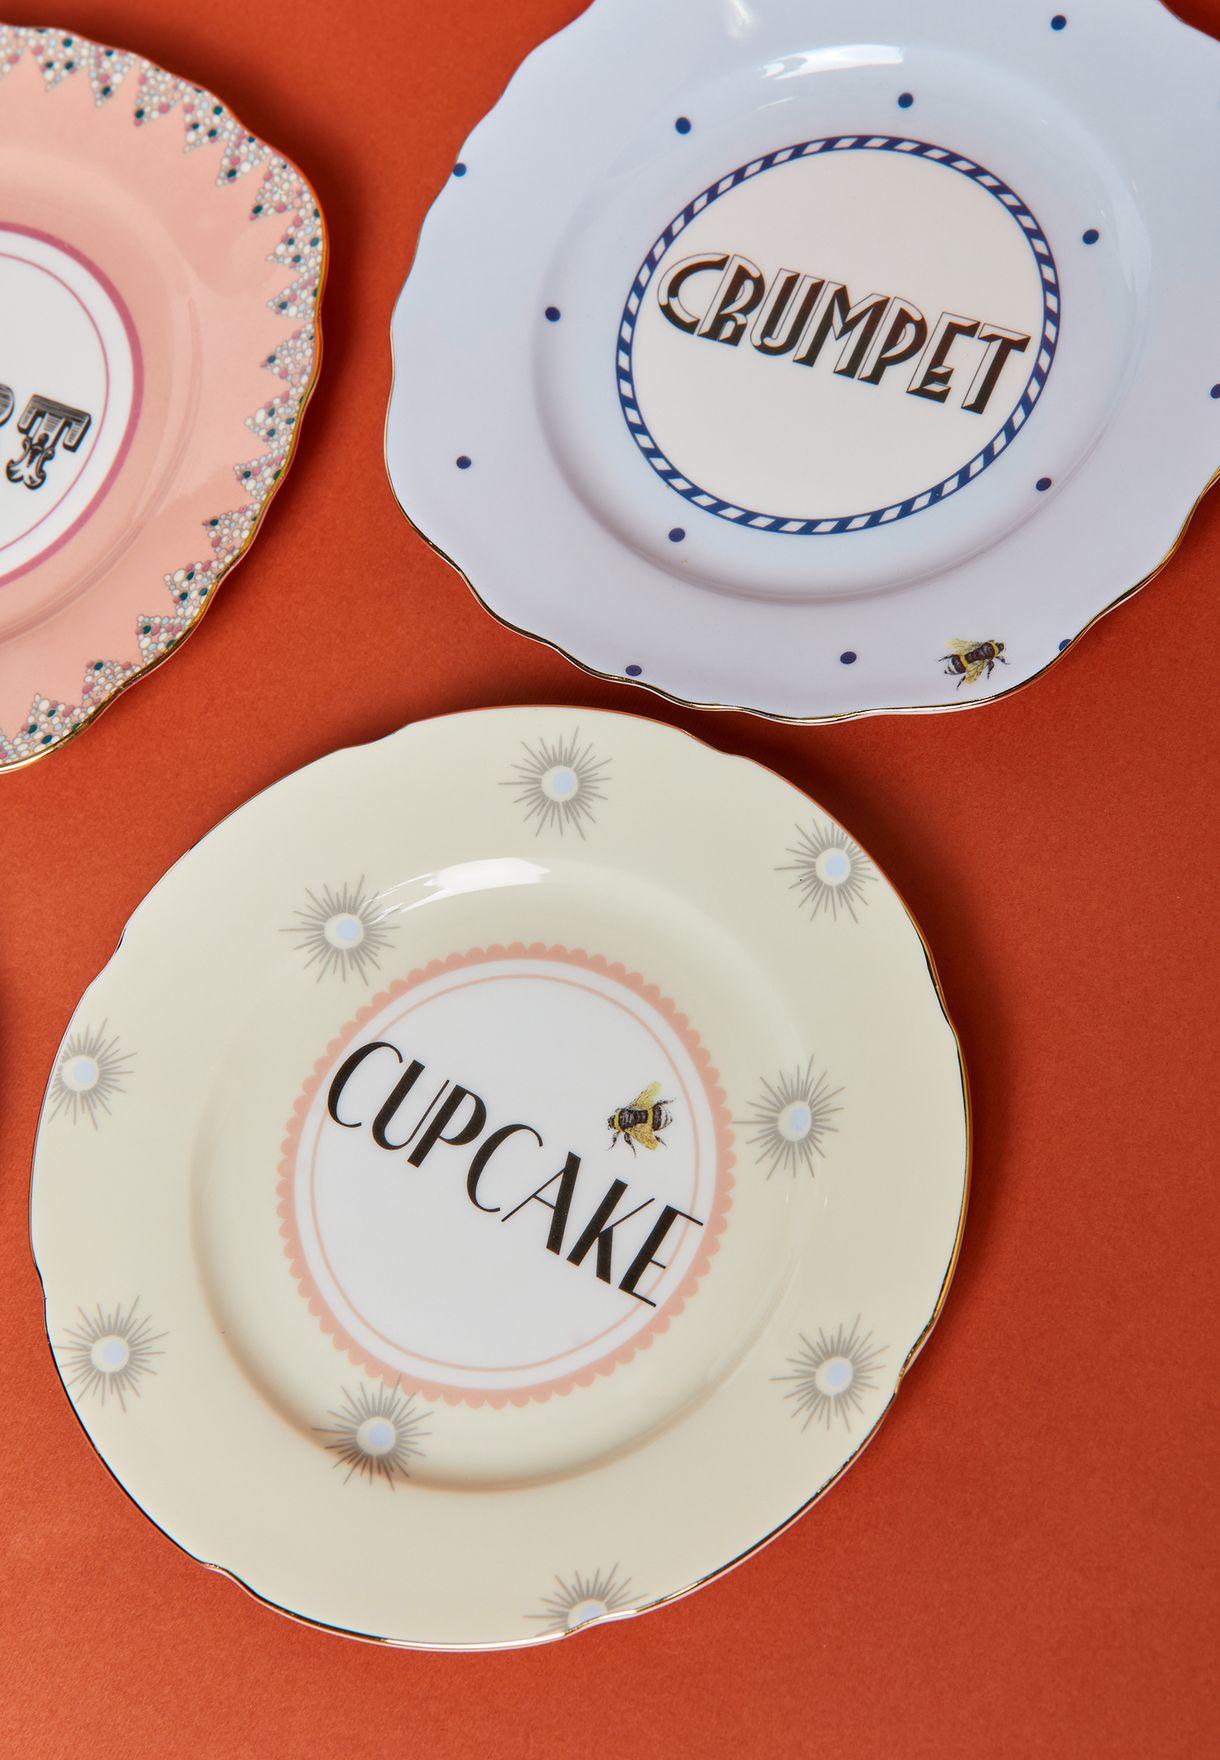 4 Pcs Cake Plates Set